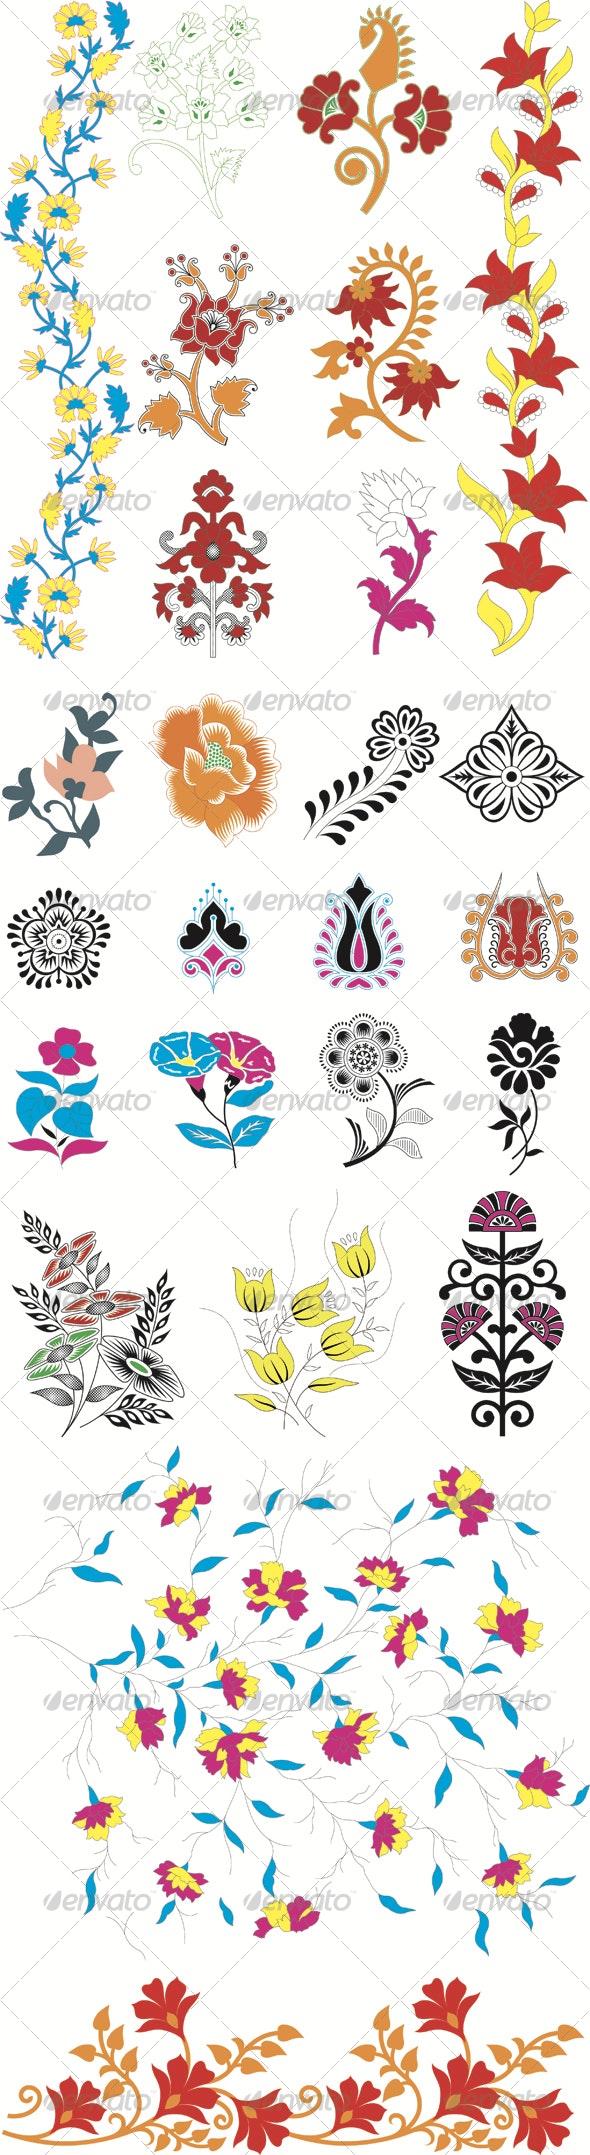 Vector Flower Pack 01 - Flourishes / Swirls Decorative